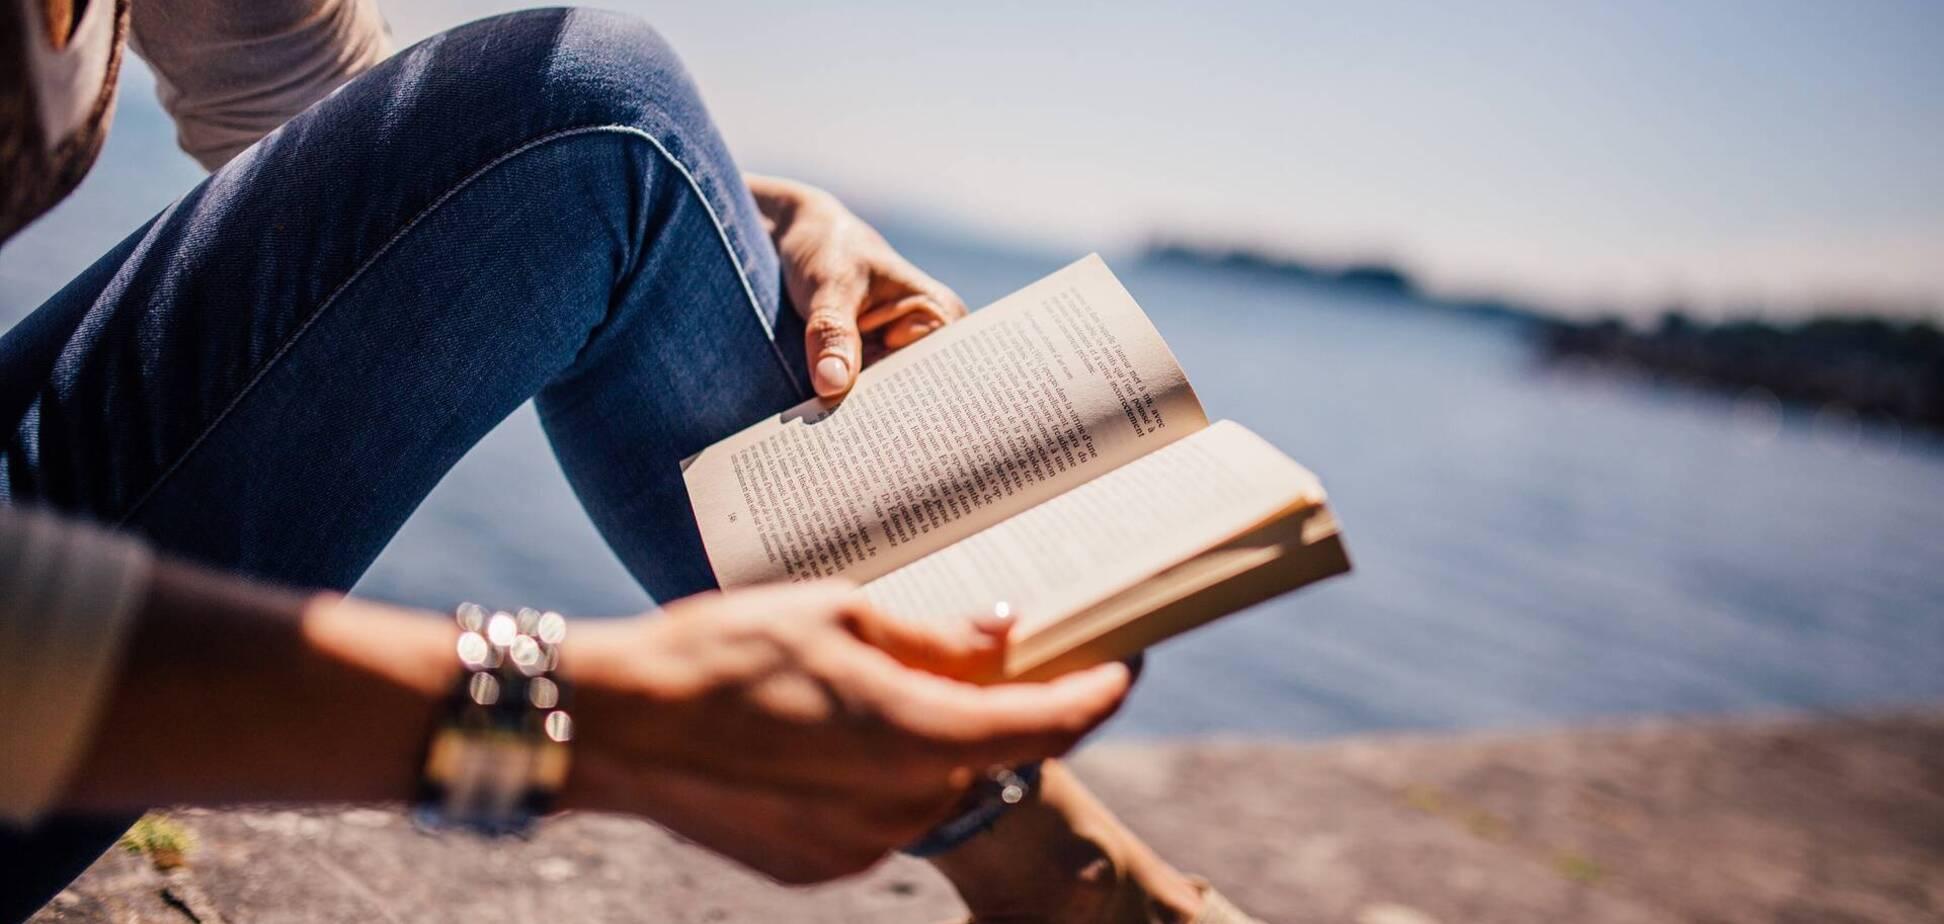 Кращі книги для жінок: топ-10